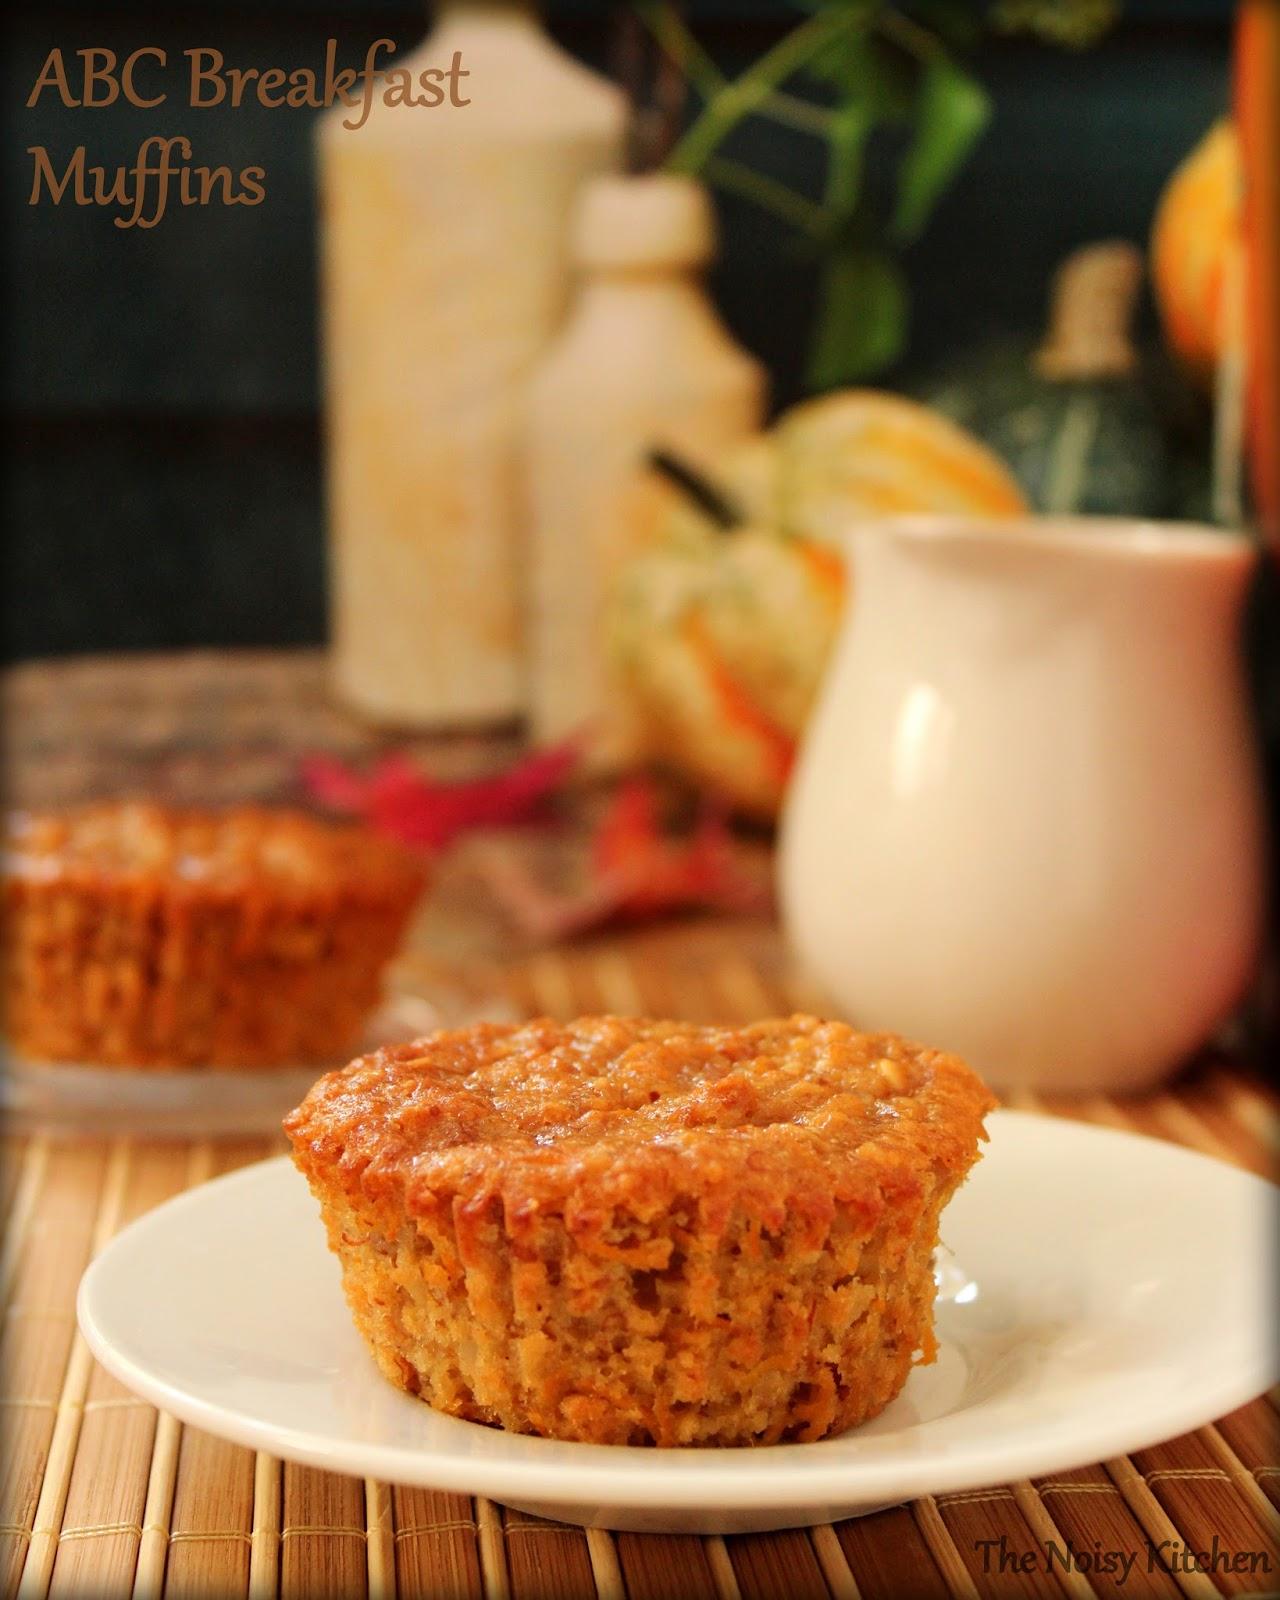 The Noisy Kitchen Abc Breakfast Muffins